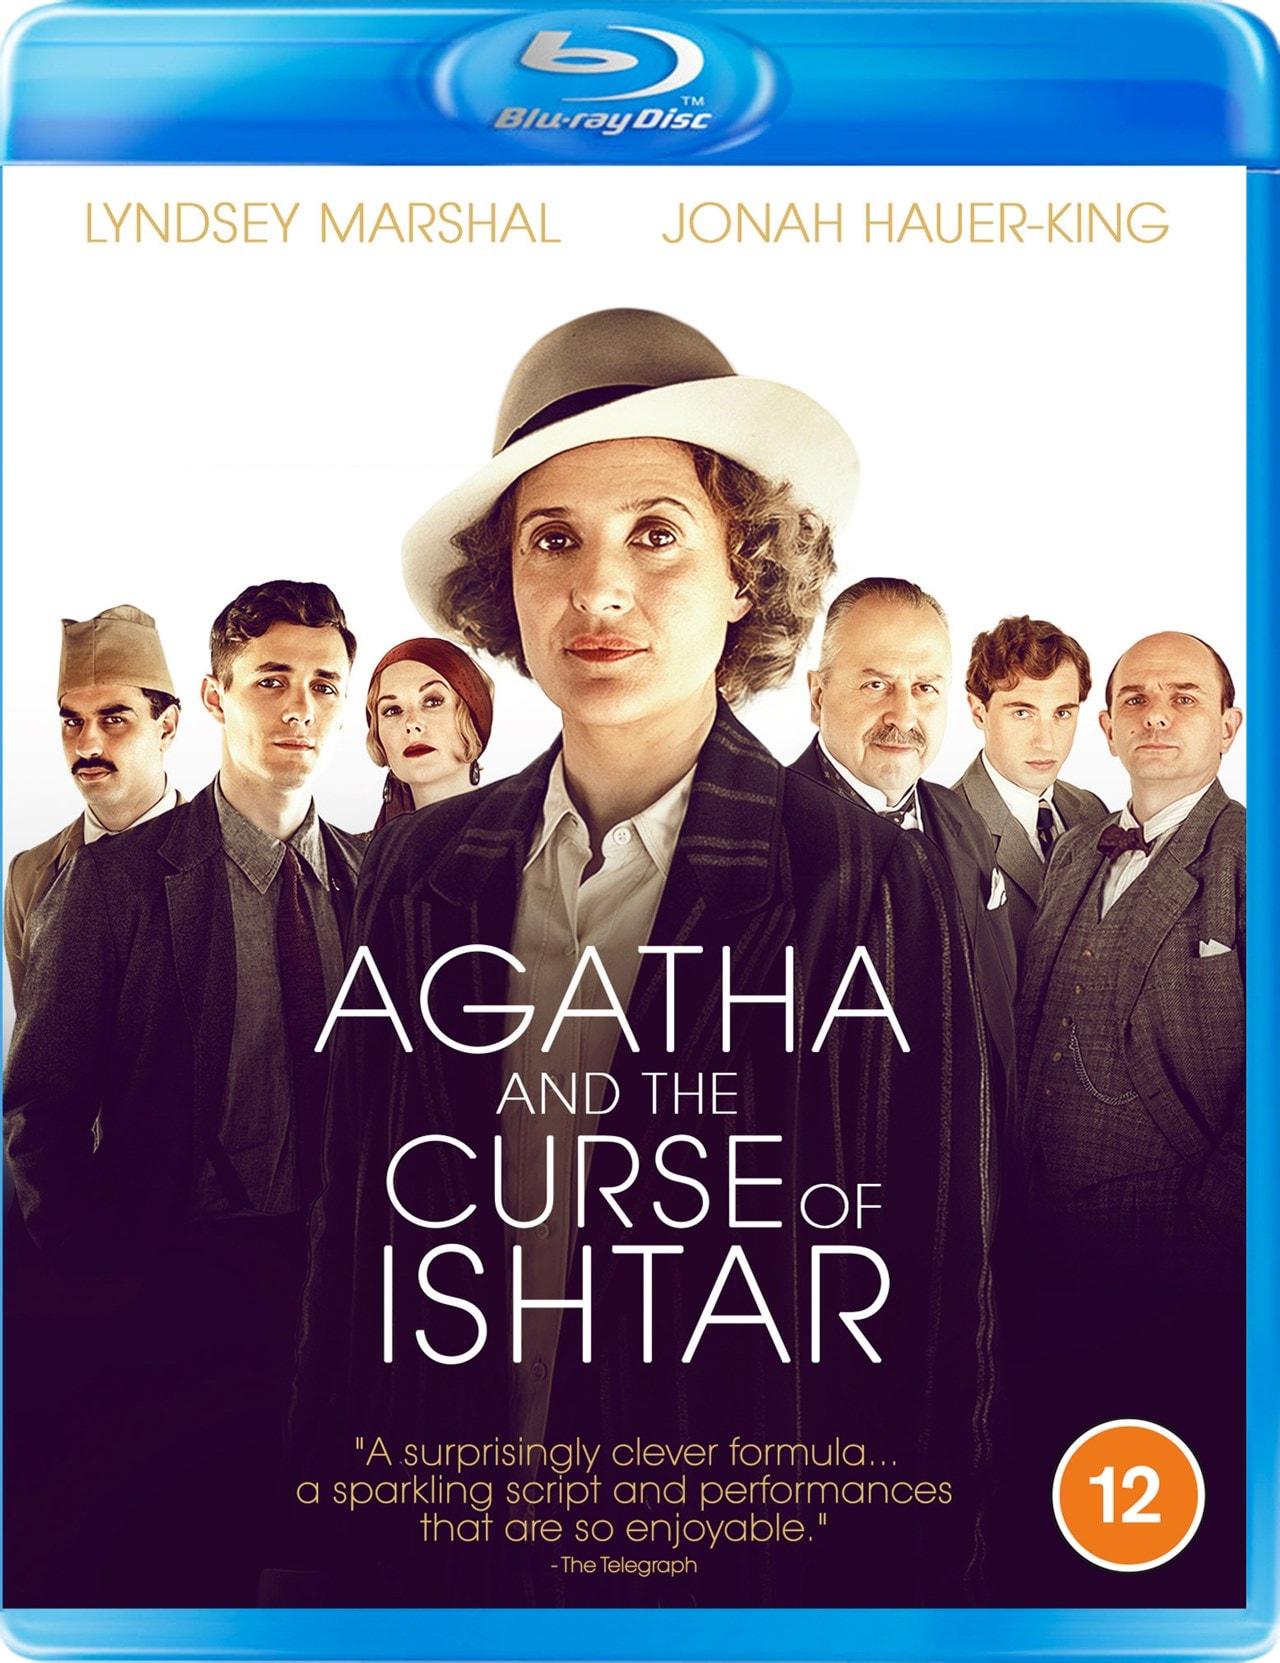 Agatha and the Curse of Ishtar - 1